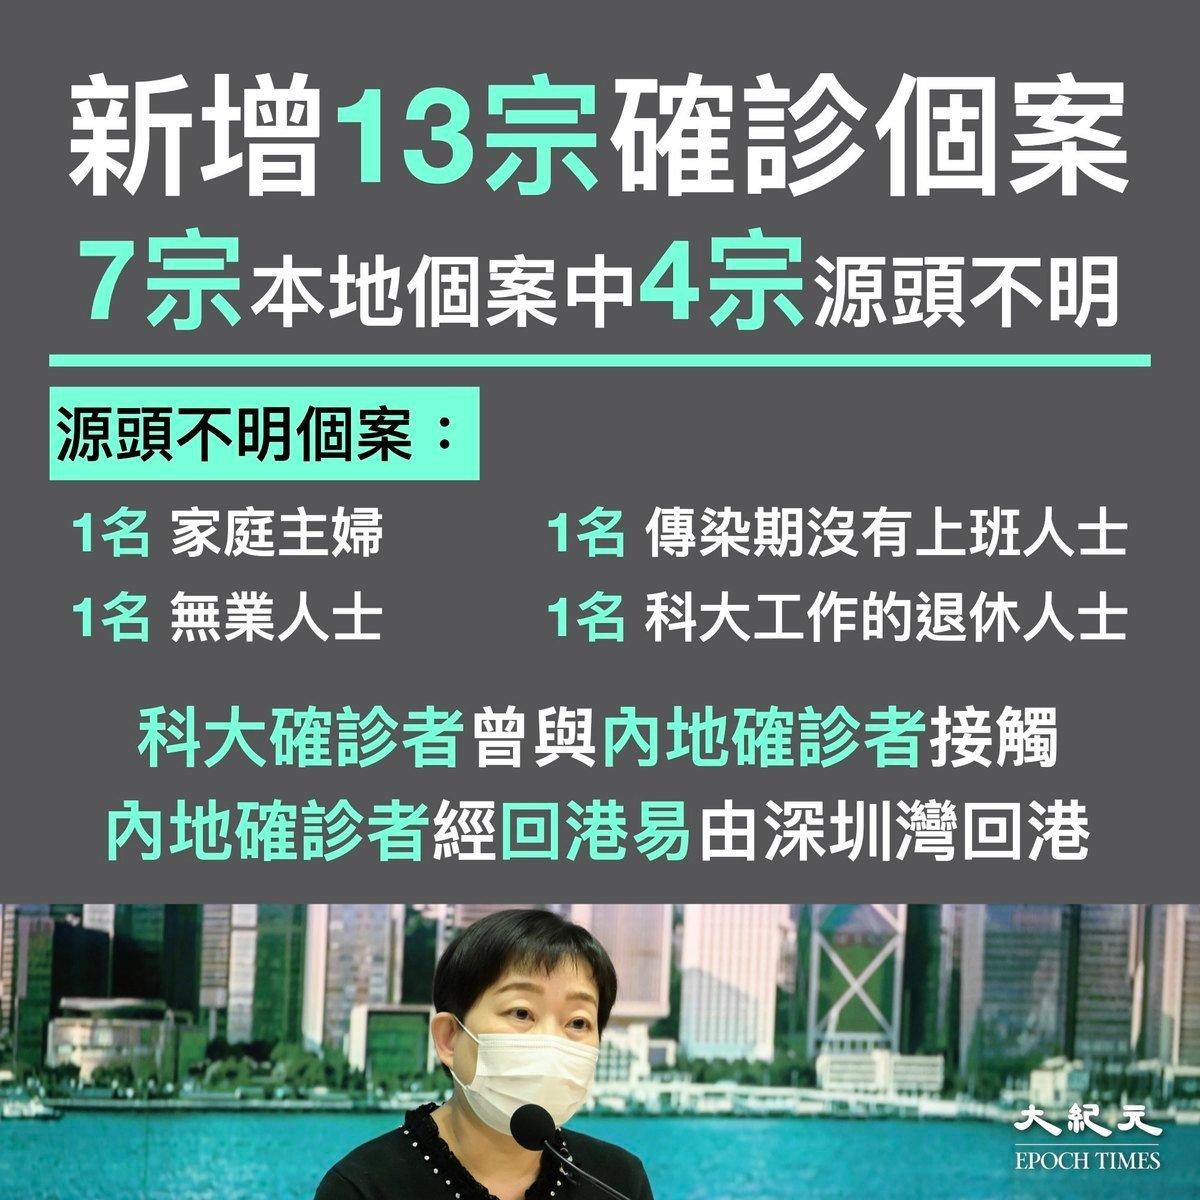 衞生防護中心今(2日)公佈,本港新增13宗新型肺炎確診個案,7宗本地個案中4宗源頭不明。(大紀元製圖)